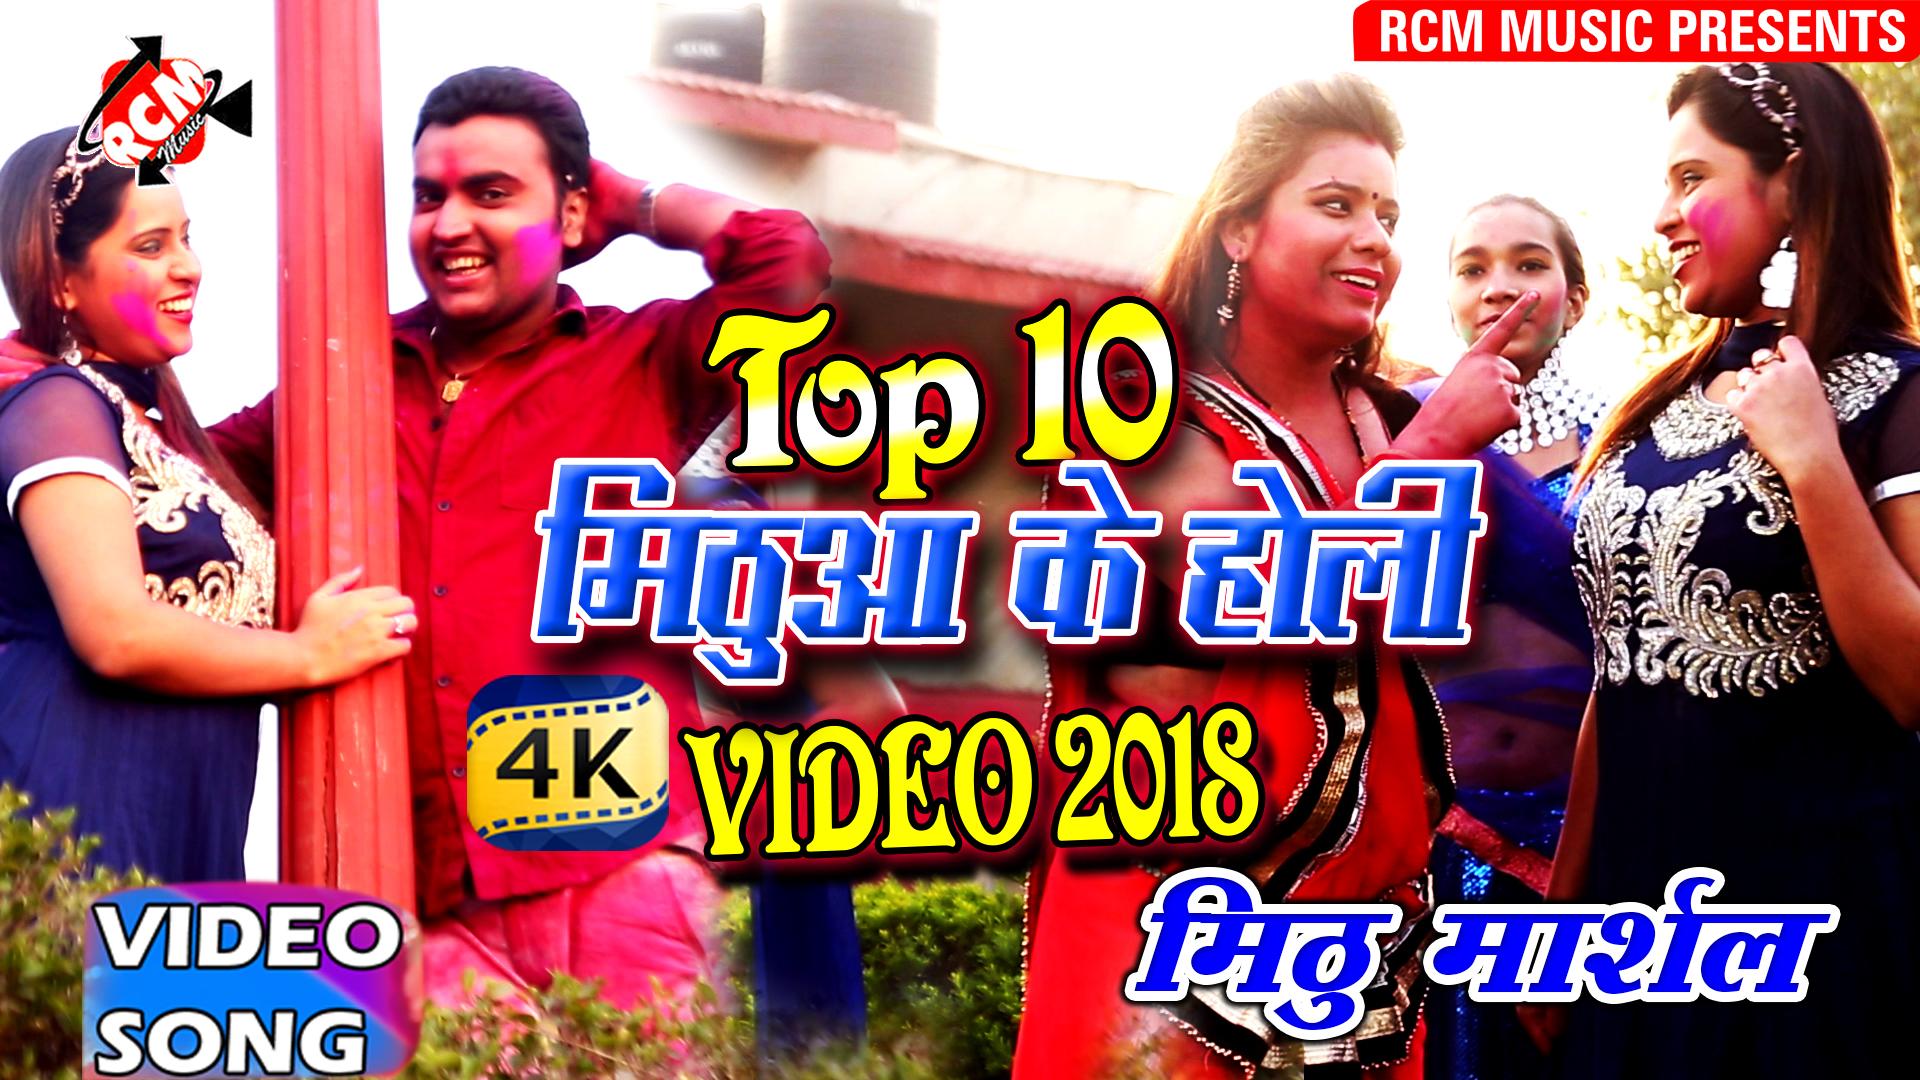 मिठु मार्शल का 2018 का सबसे बड़ा TOP 10 Holi Viral Video जरूर देखे, शेयर